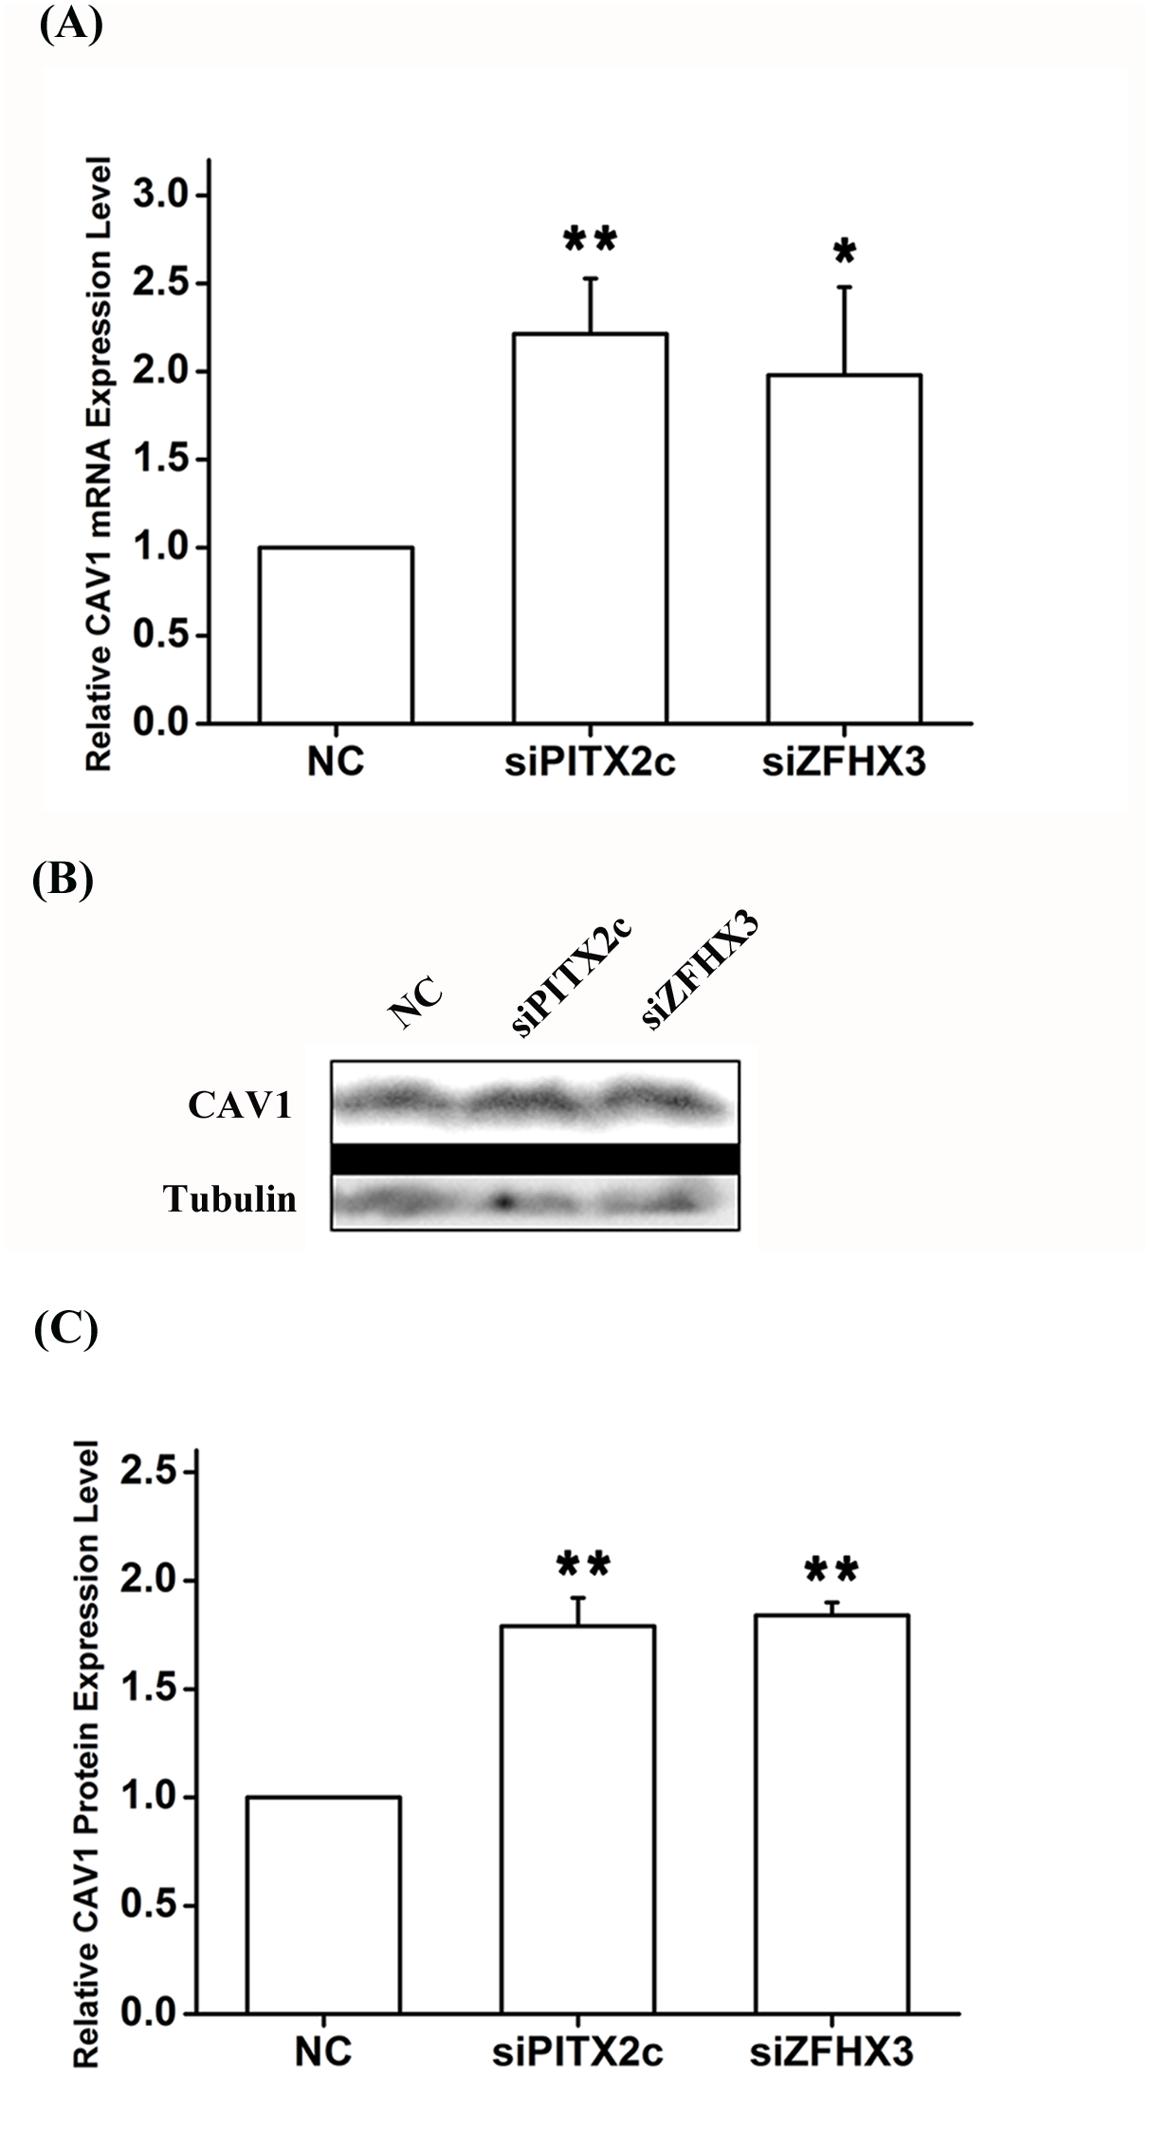 <i>PITX2c</i> and <i>ZFHX3</i> negatively regulate expression of the <i>CAV1</i> gene.